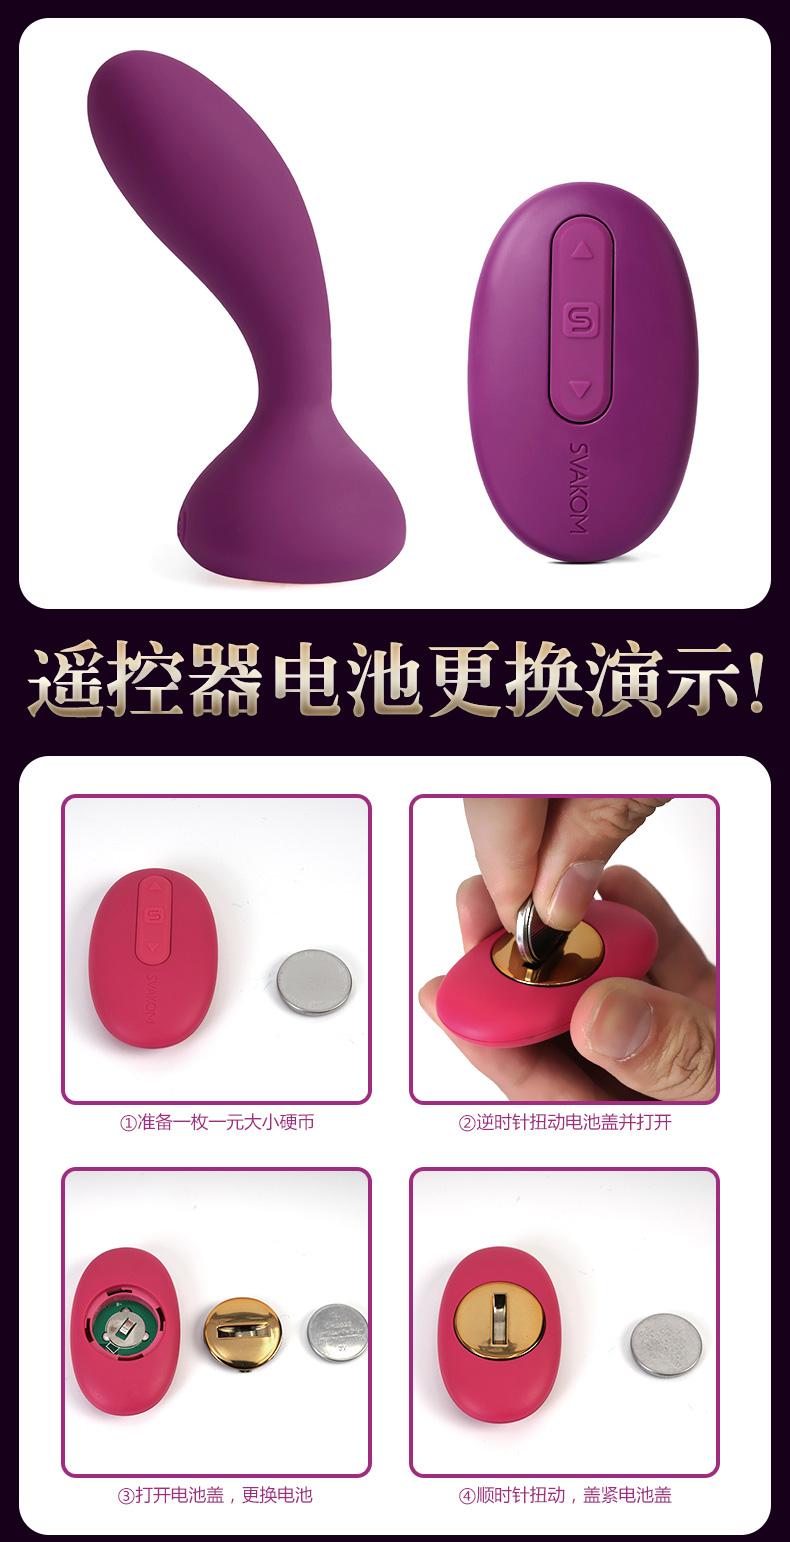 男女享受激情多功能后庭按摩棒,先打开后庭按摩器再使用遥控